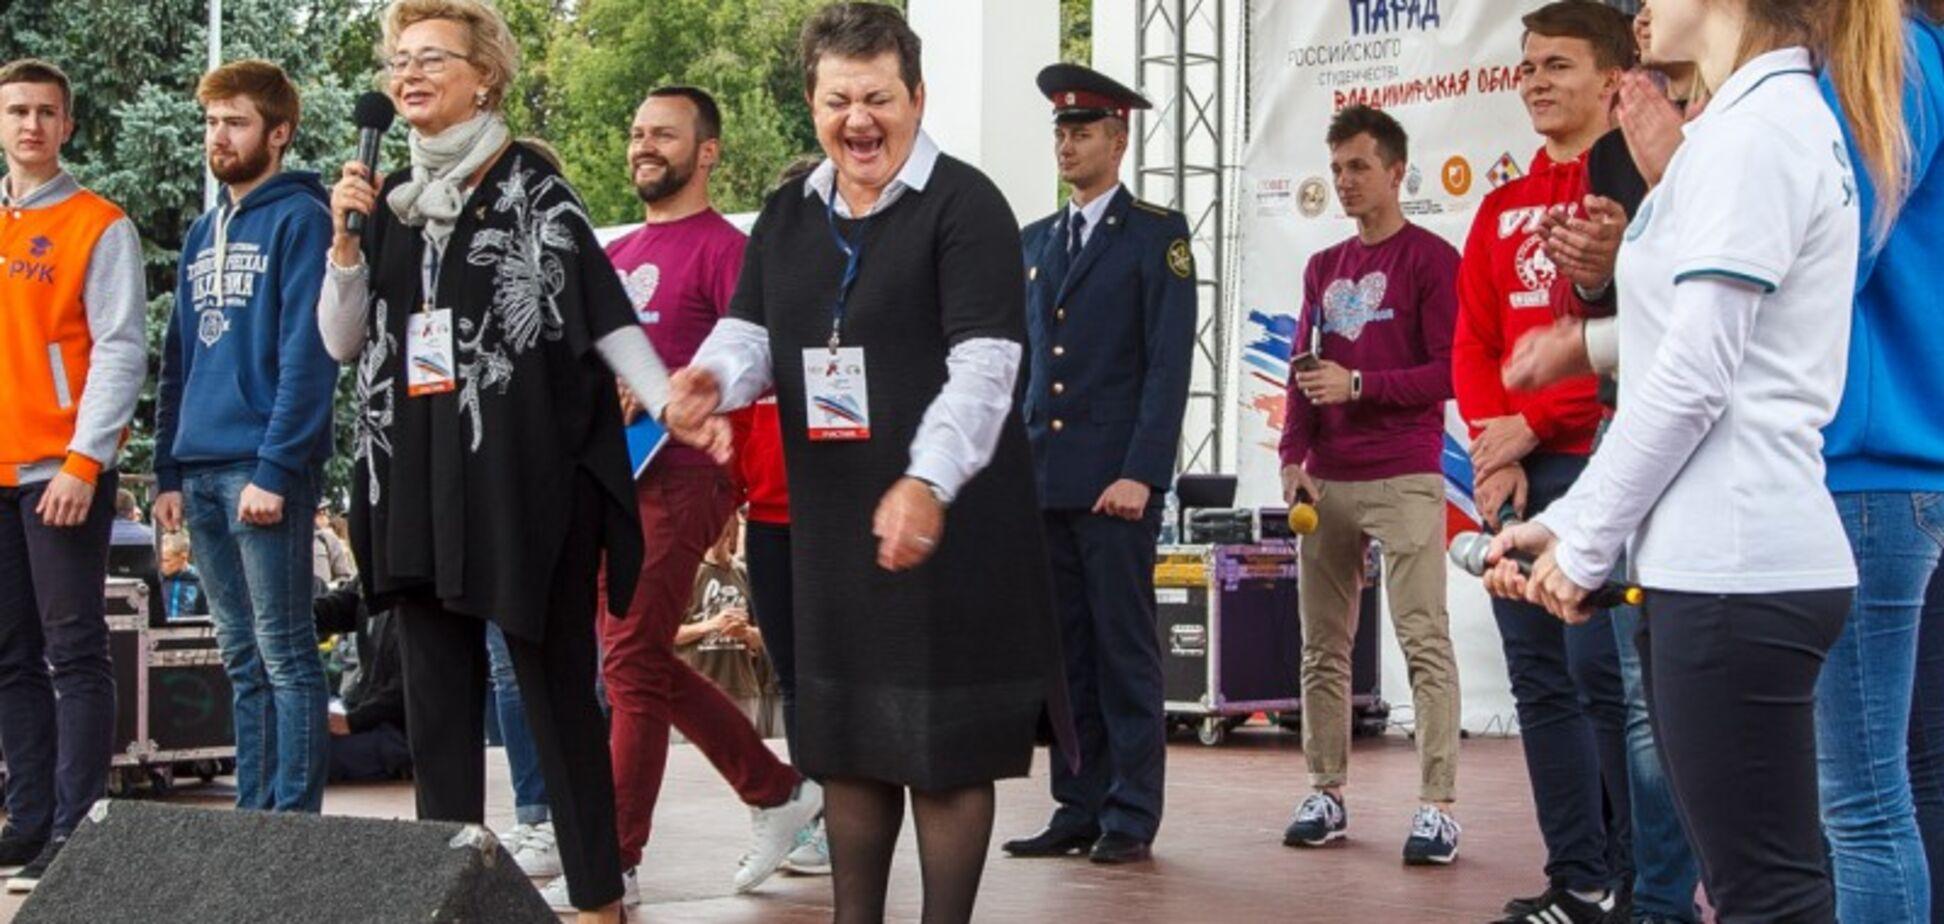 'Бандеровские прихвостни': росСМИ сильно разозлили путинского губернатора